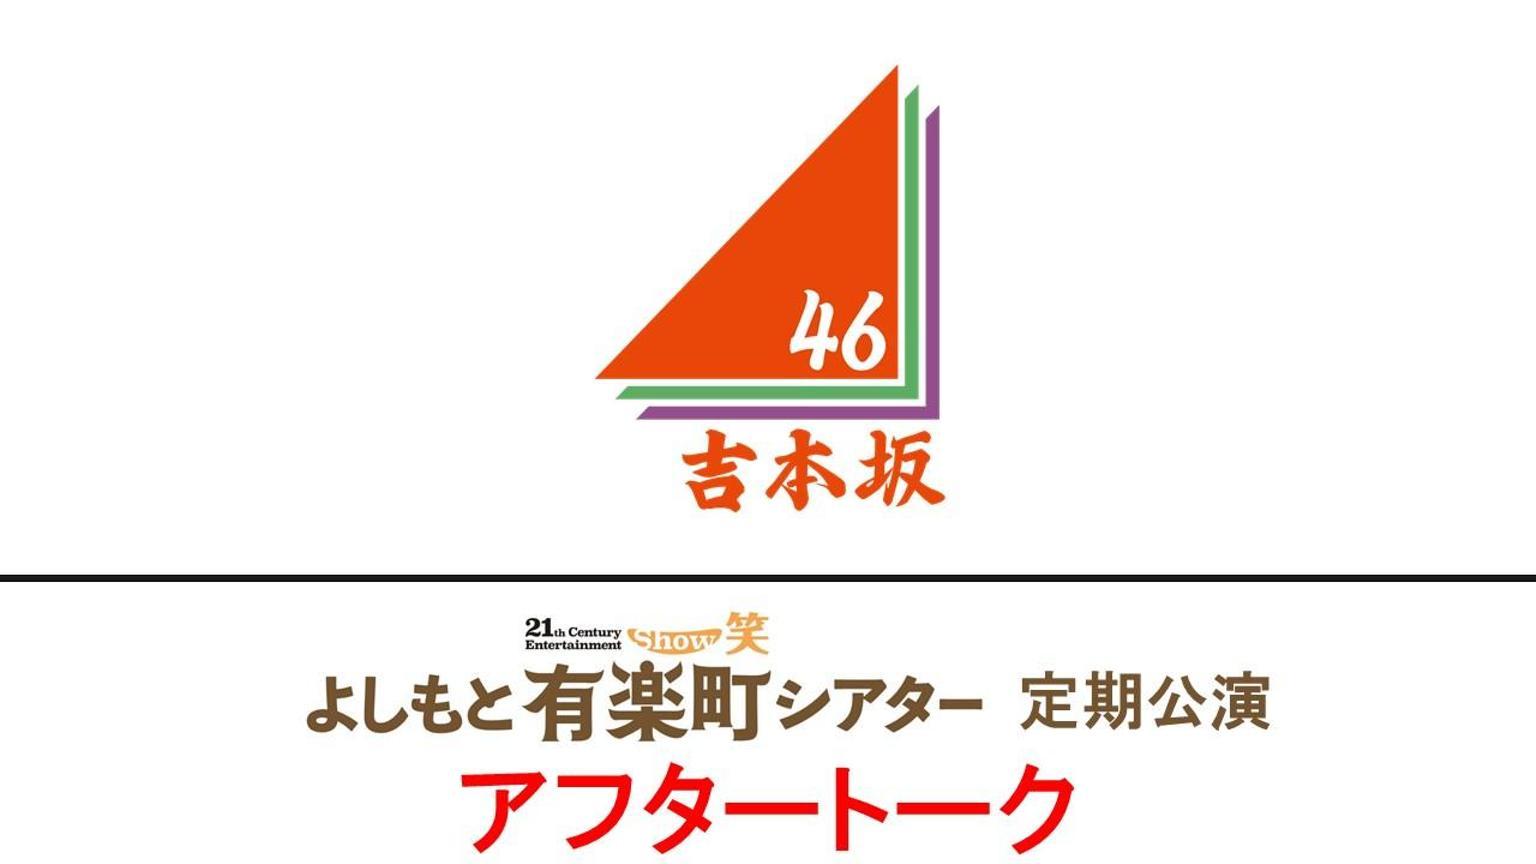 吉本坂46 有楽町シアター公演【アフタートーク】 ※収録中